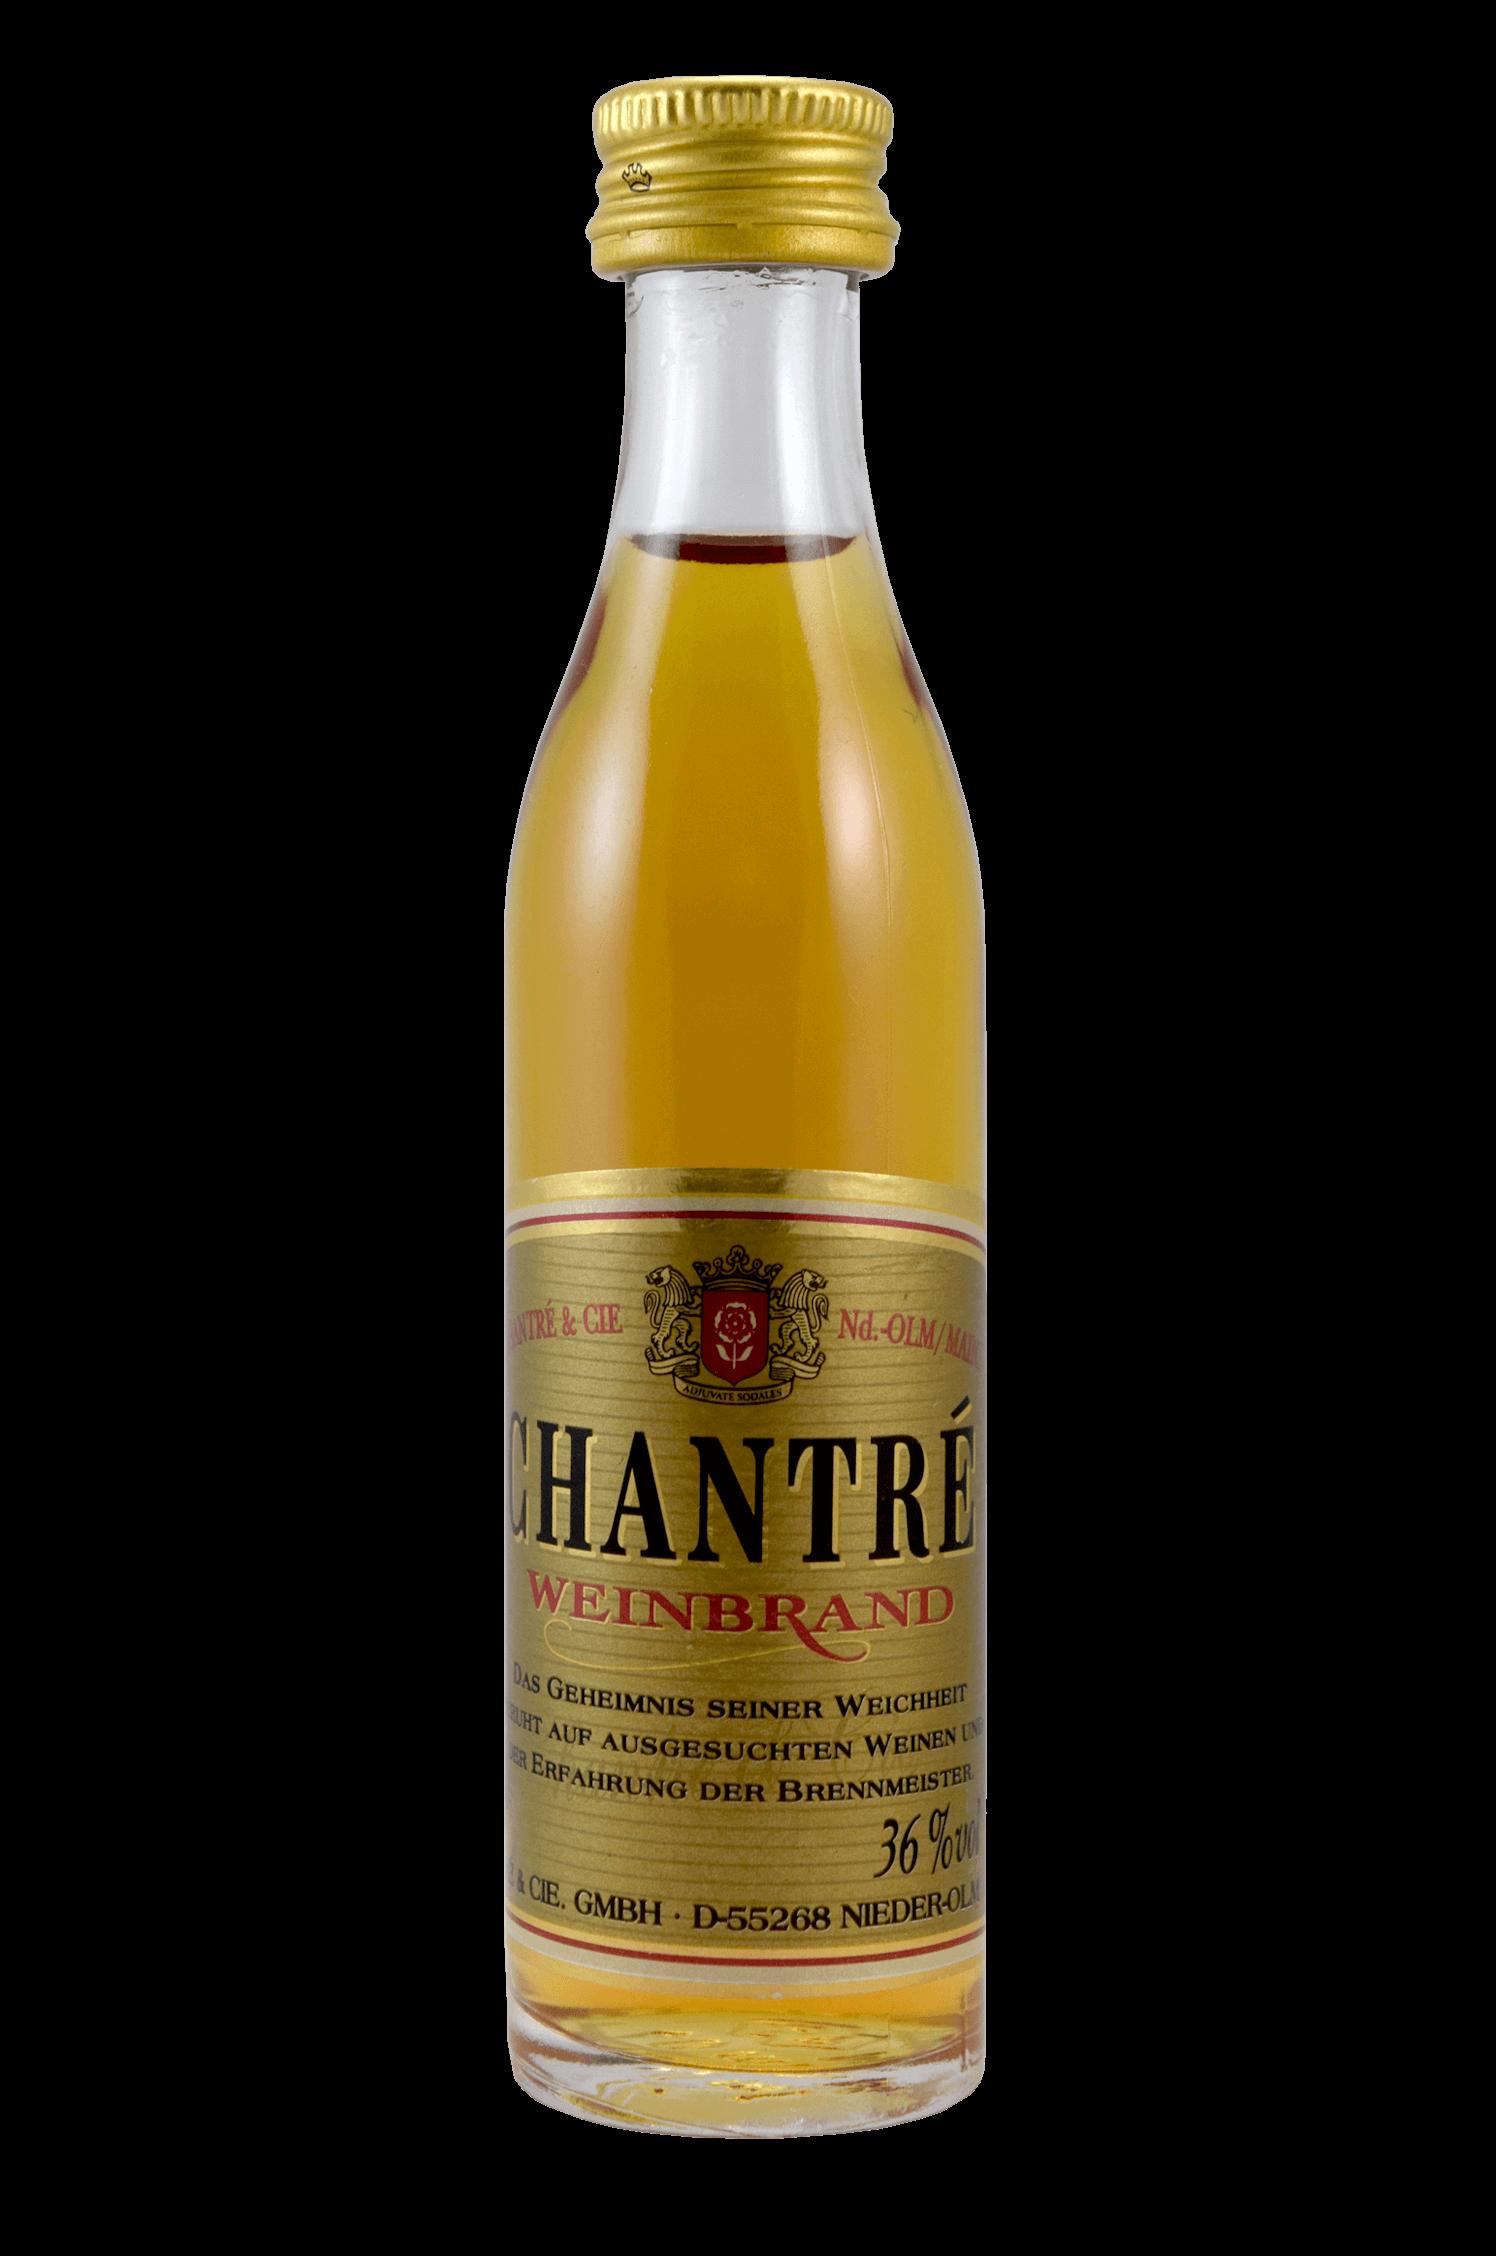 Chantré Weinbrand